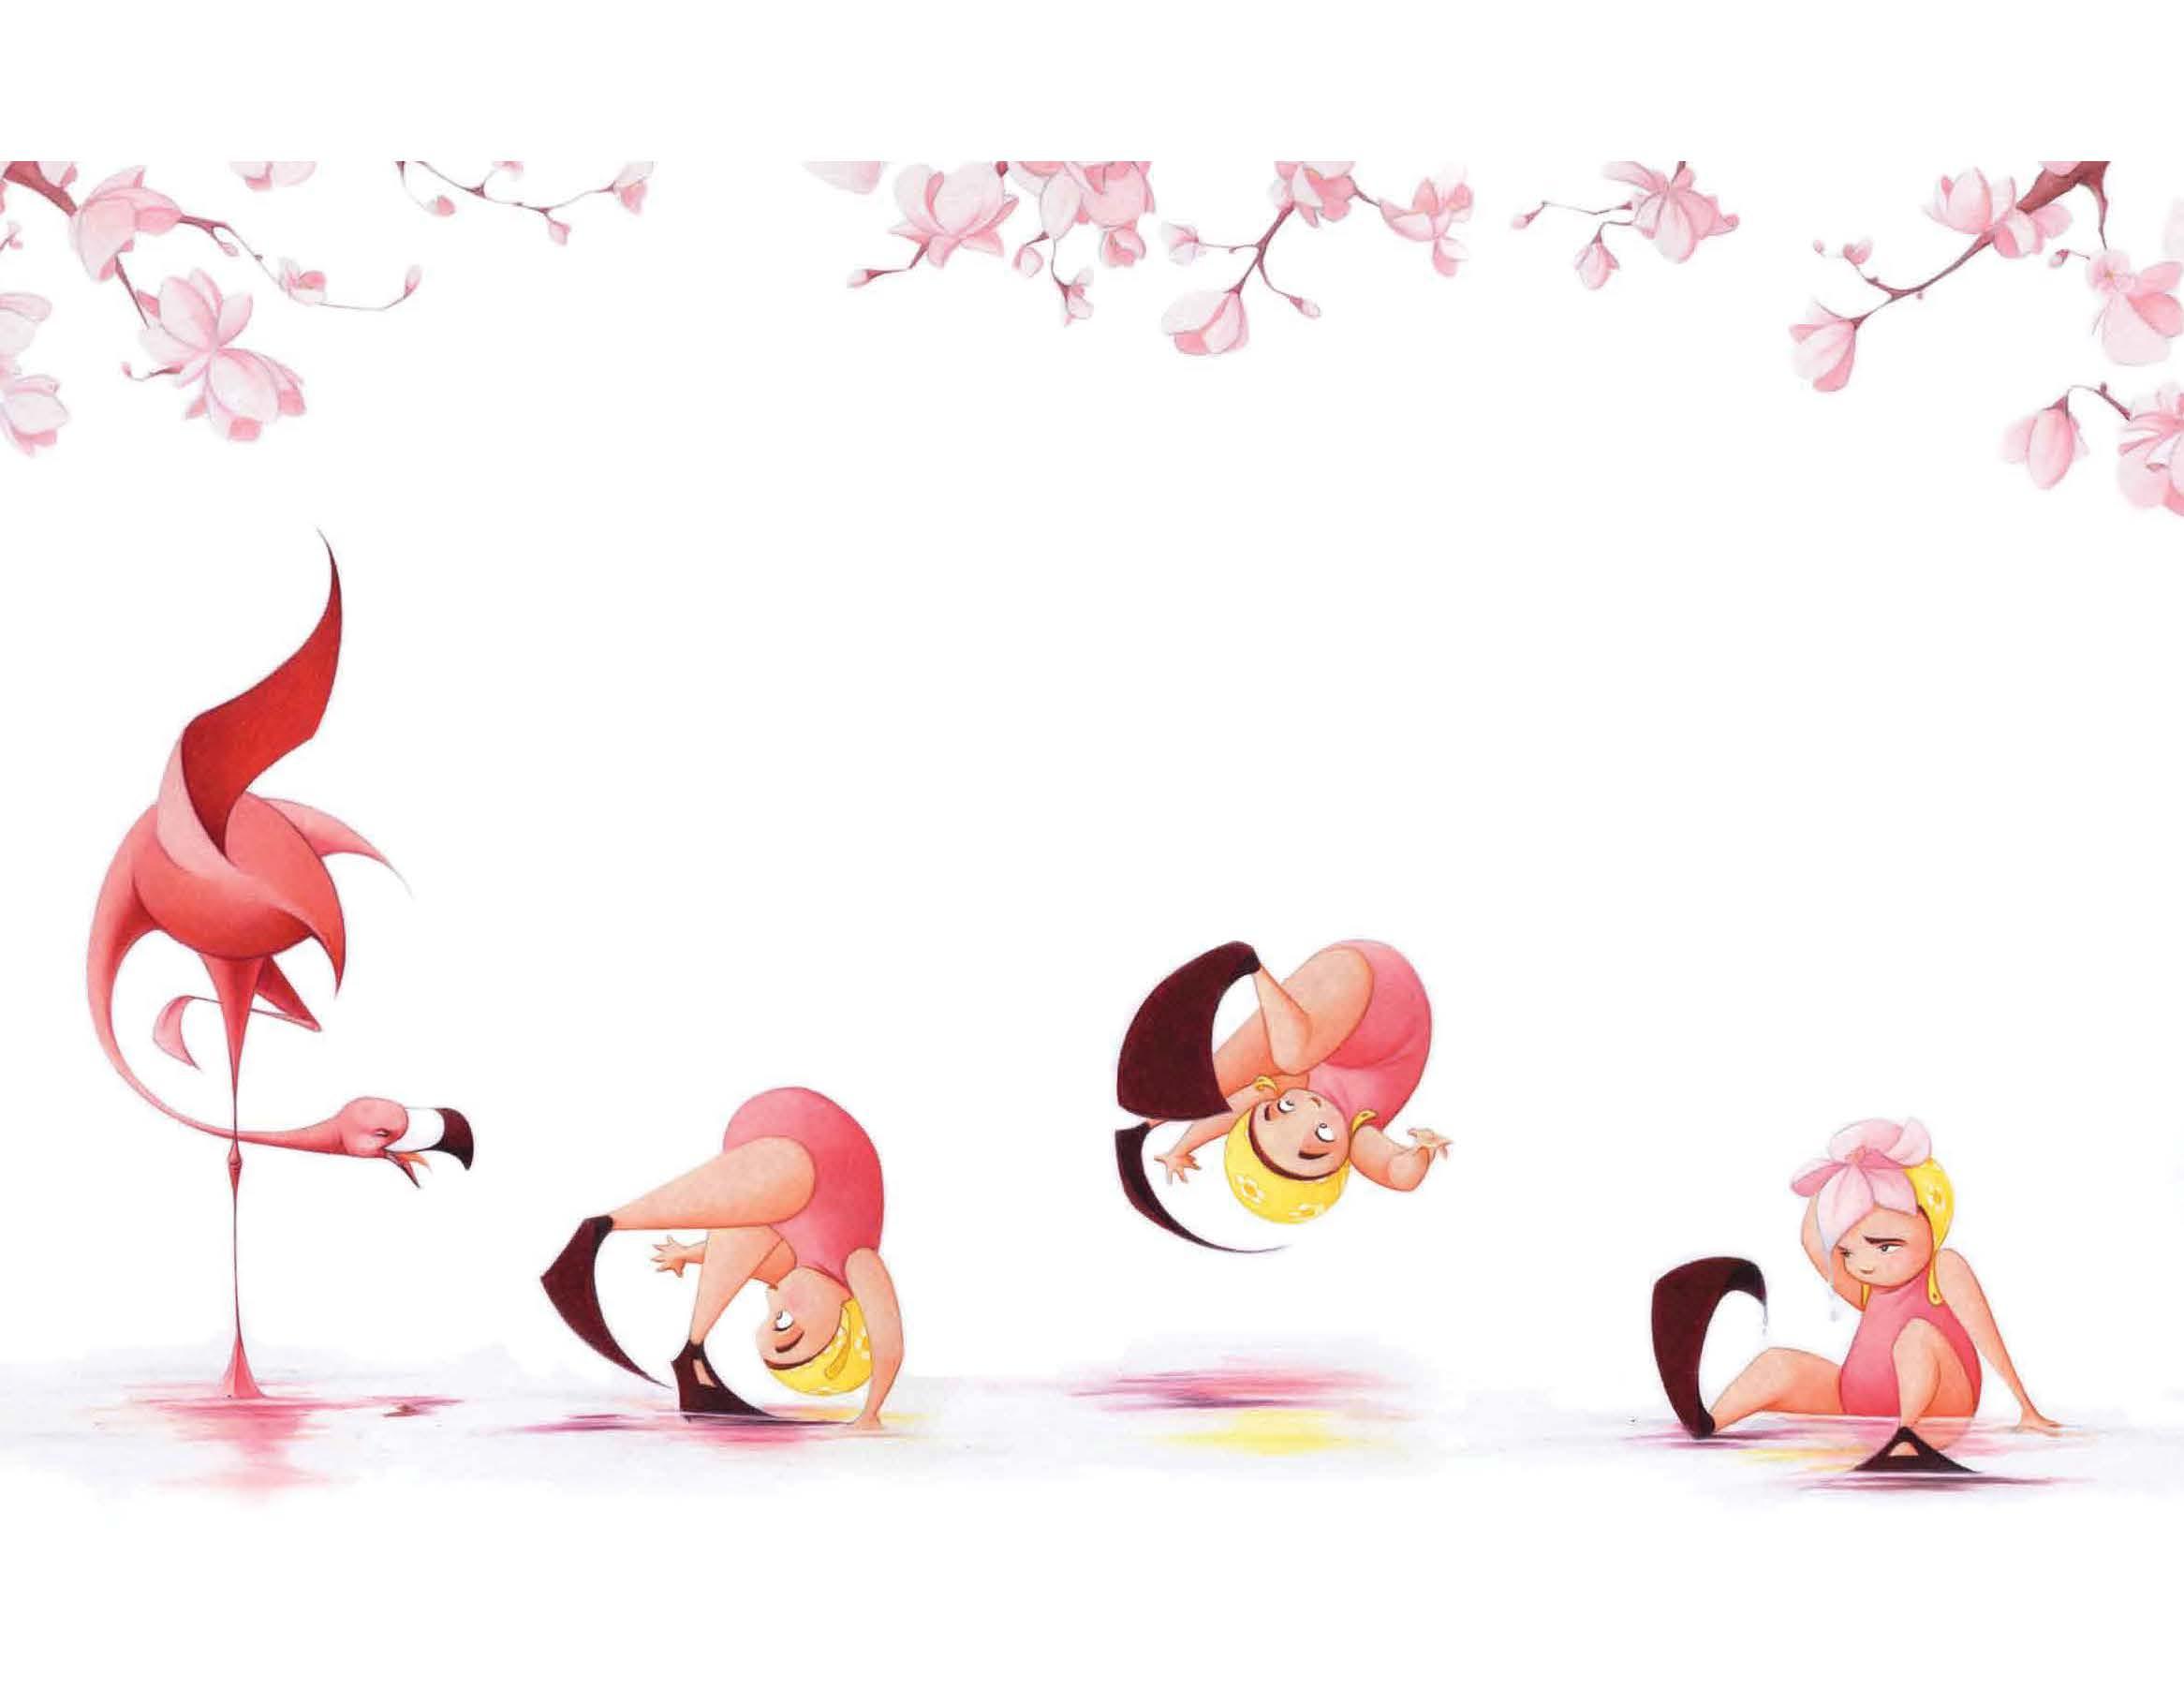 flora and the flamingo molly idle 8601404759024 amazon com books